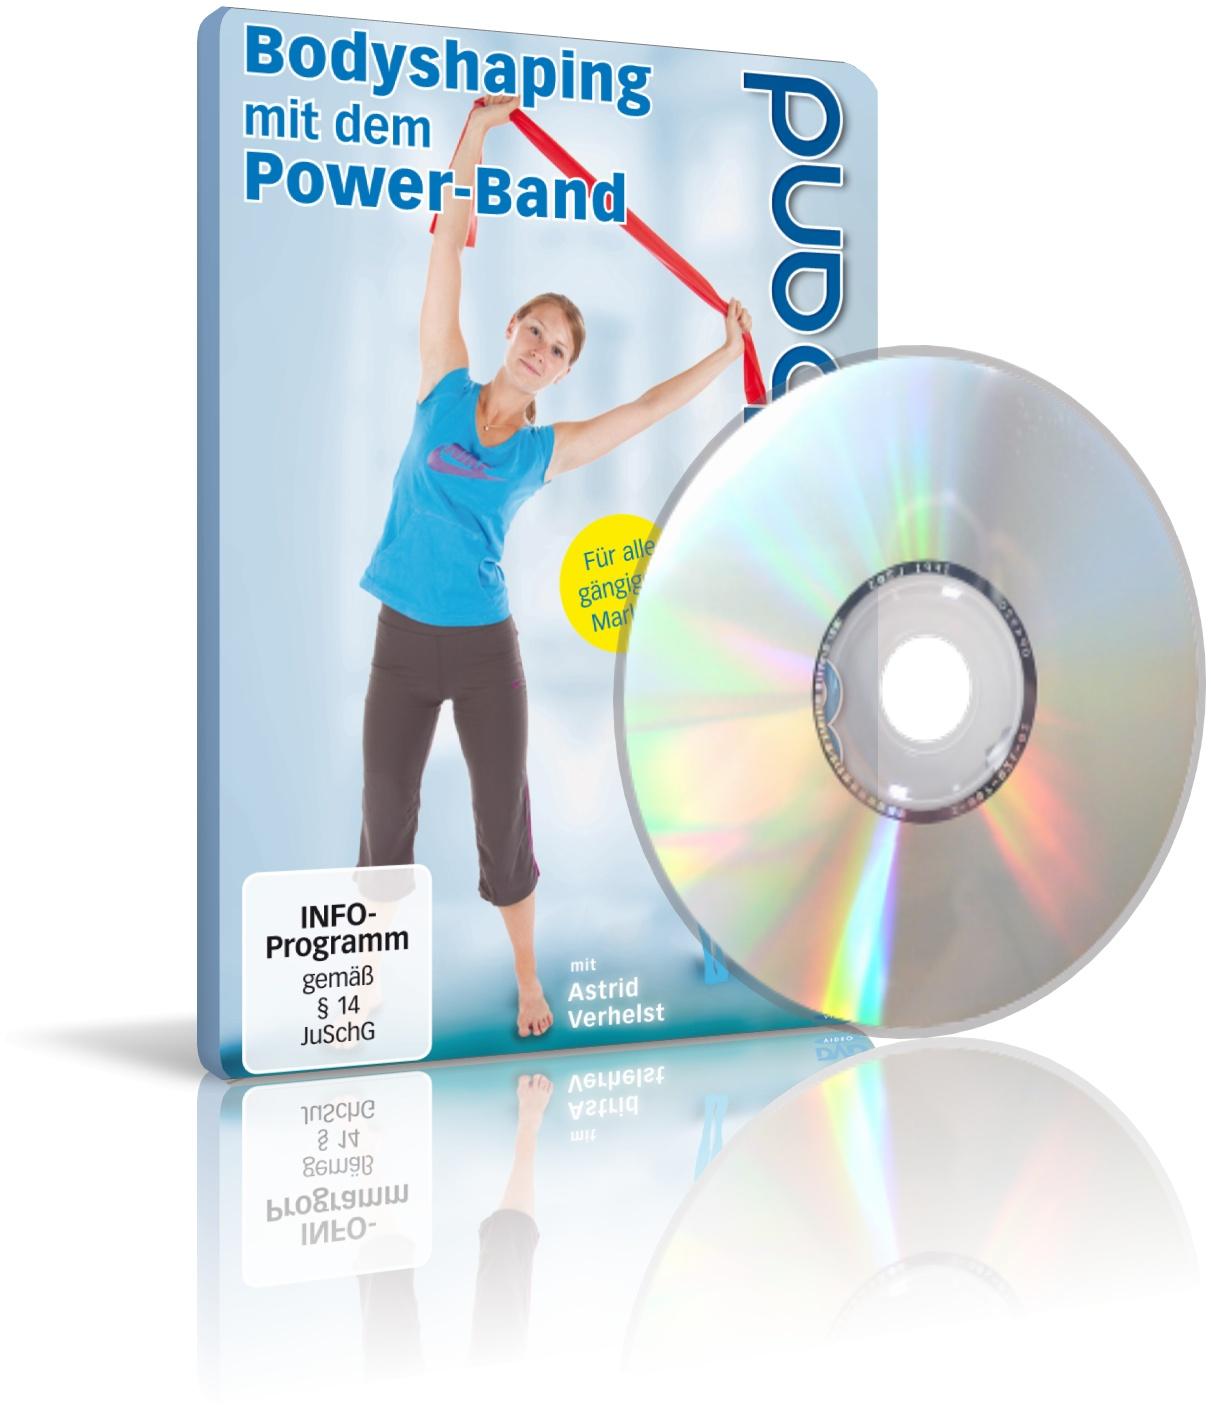 Bodyshaping mit dem Power-Band mit Astrid Verhelst (DVD)